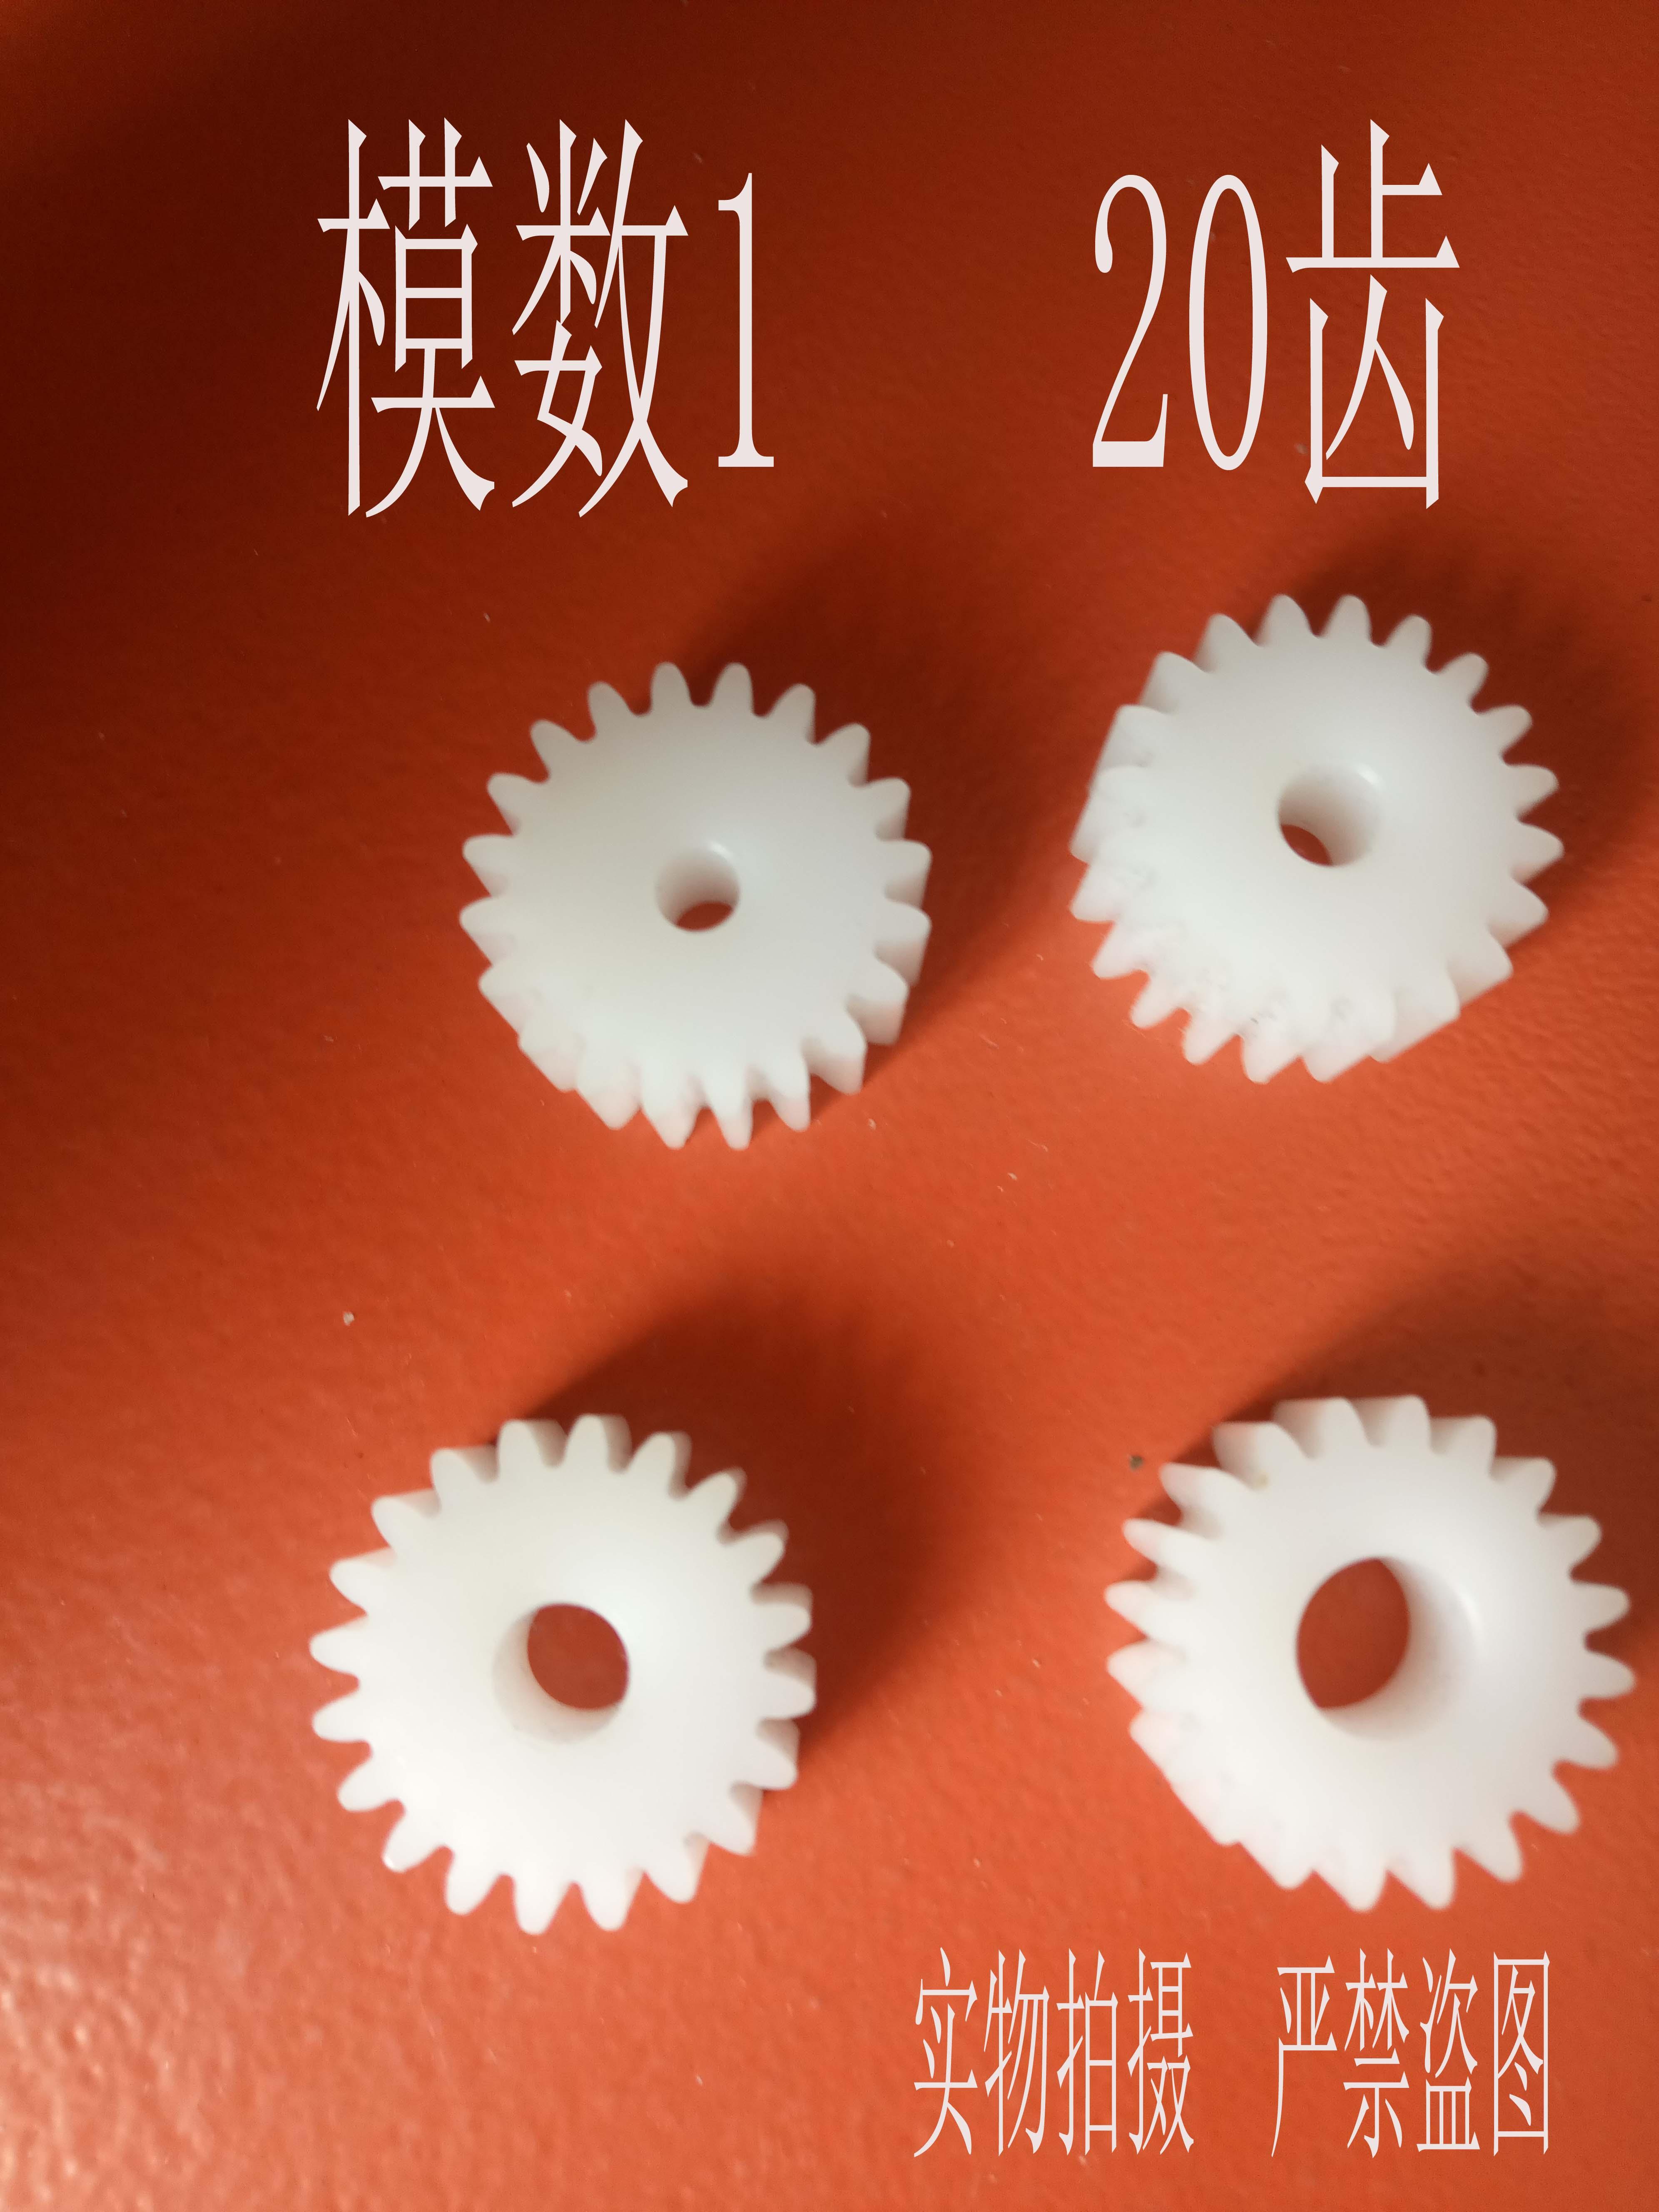 pom塑料尼龙马达电机减数齿轮箱圆柱齿轮 模数1 齿数20 外径22